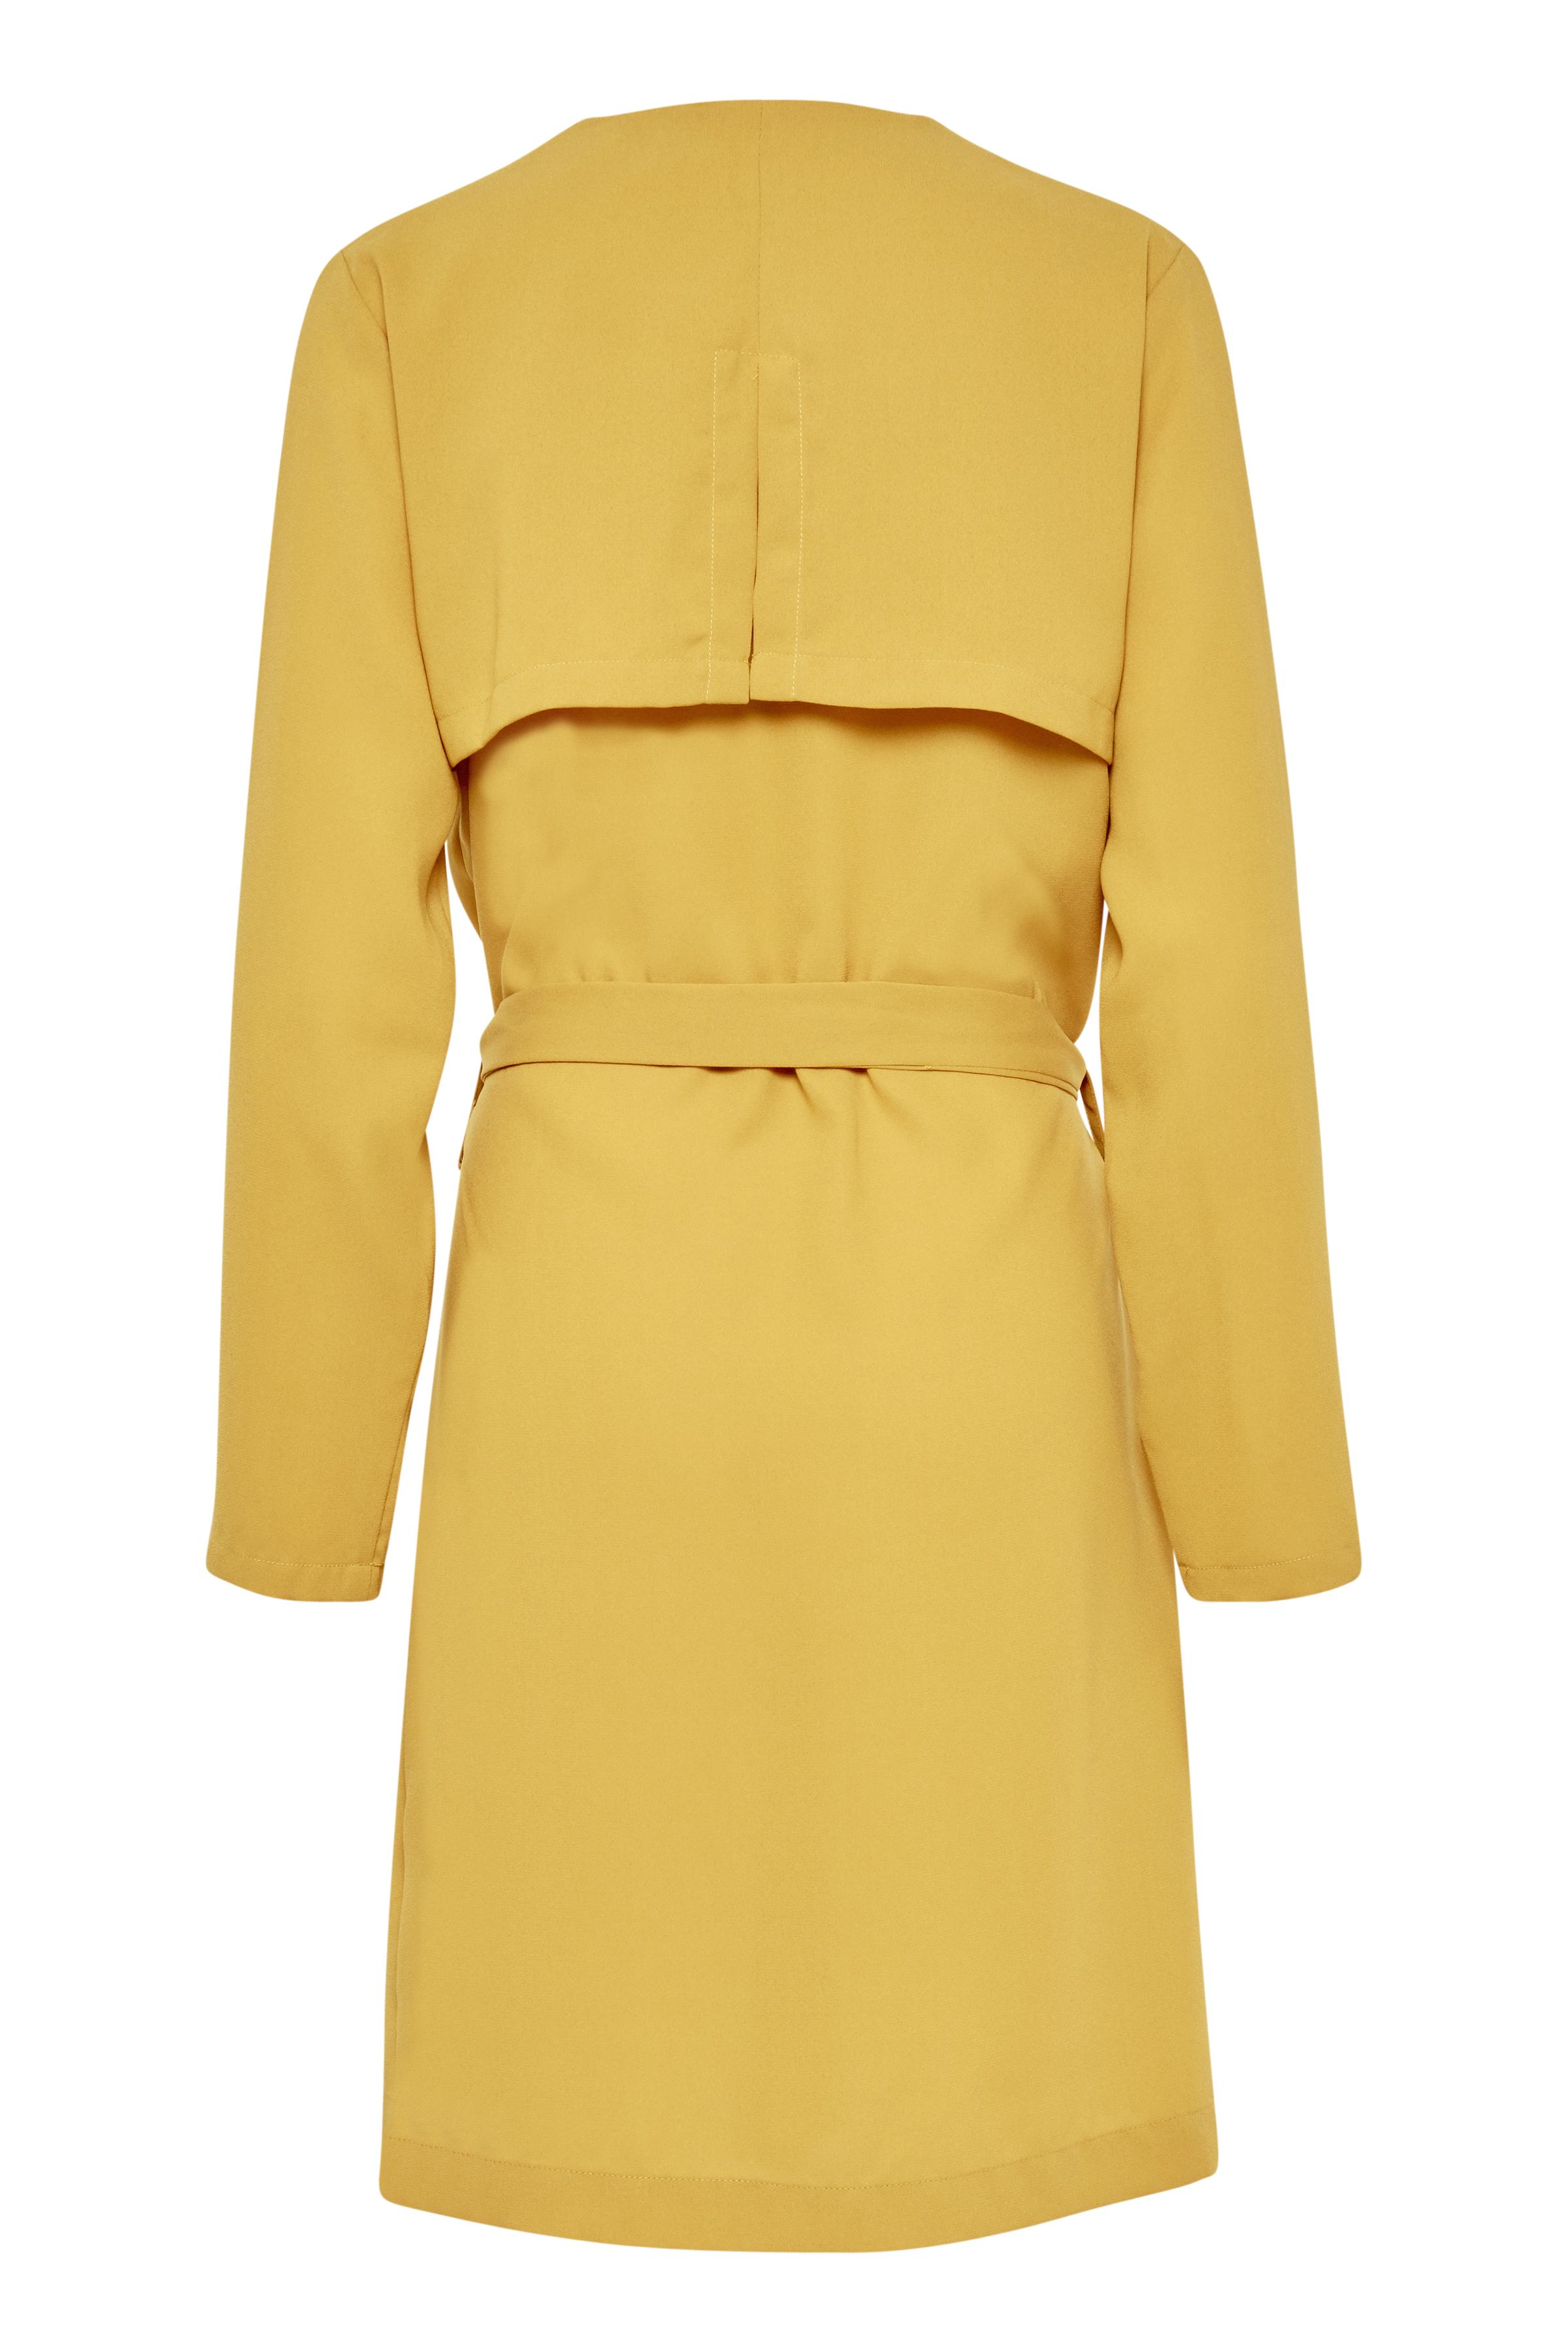 Ochre Yellow Jacke von b.young – Kaufen Sie Ochre Yellow Jacke aus Größe 34-42 hier